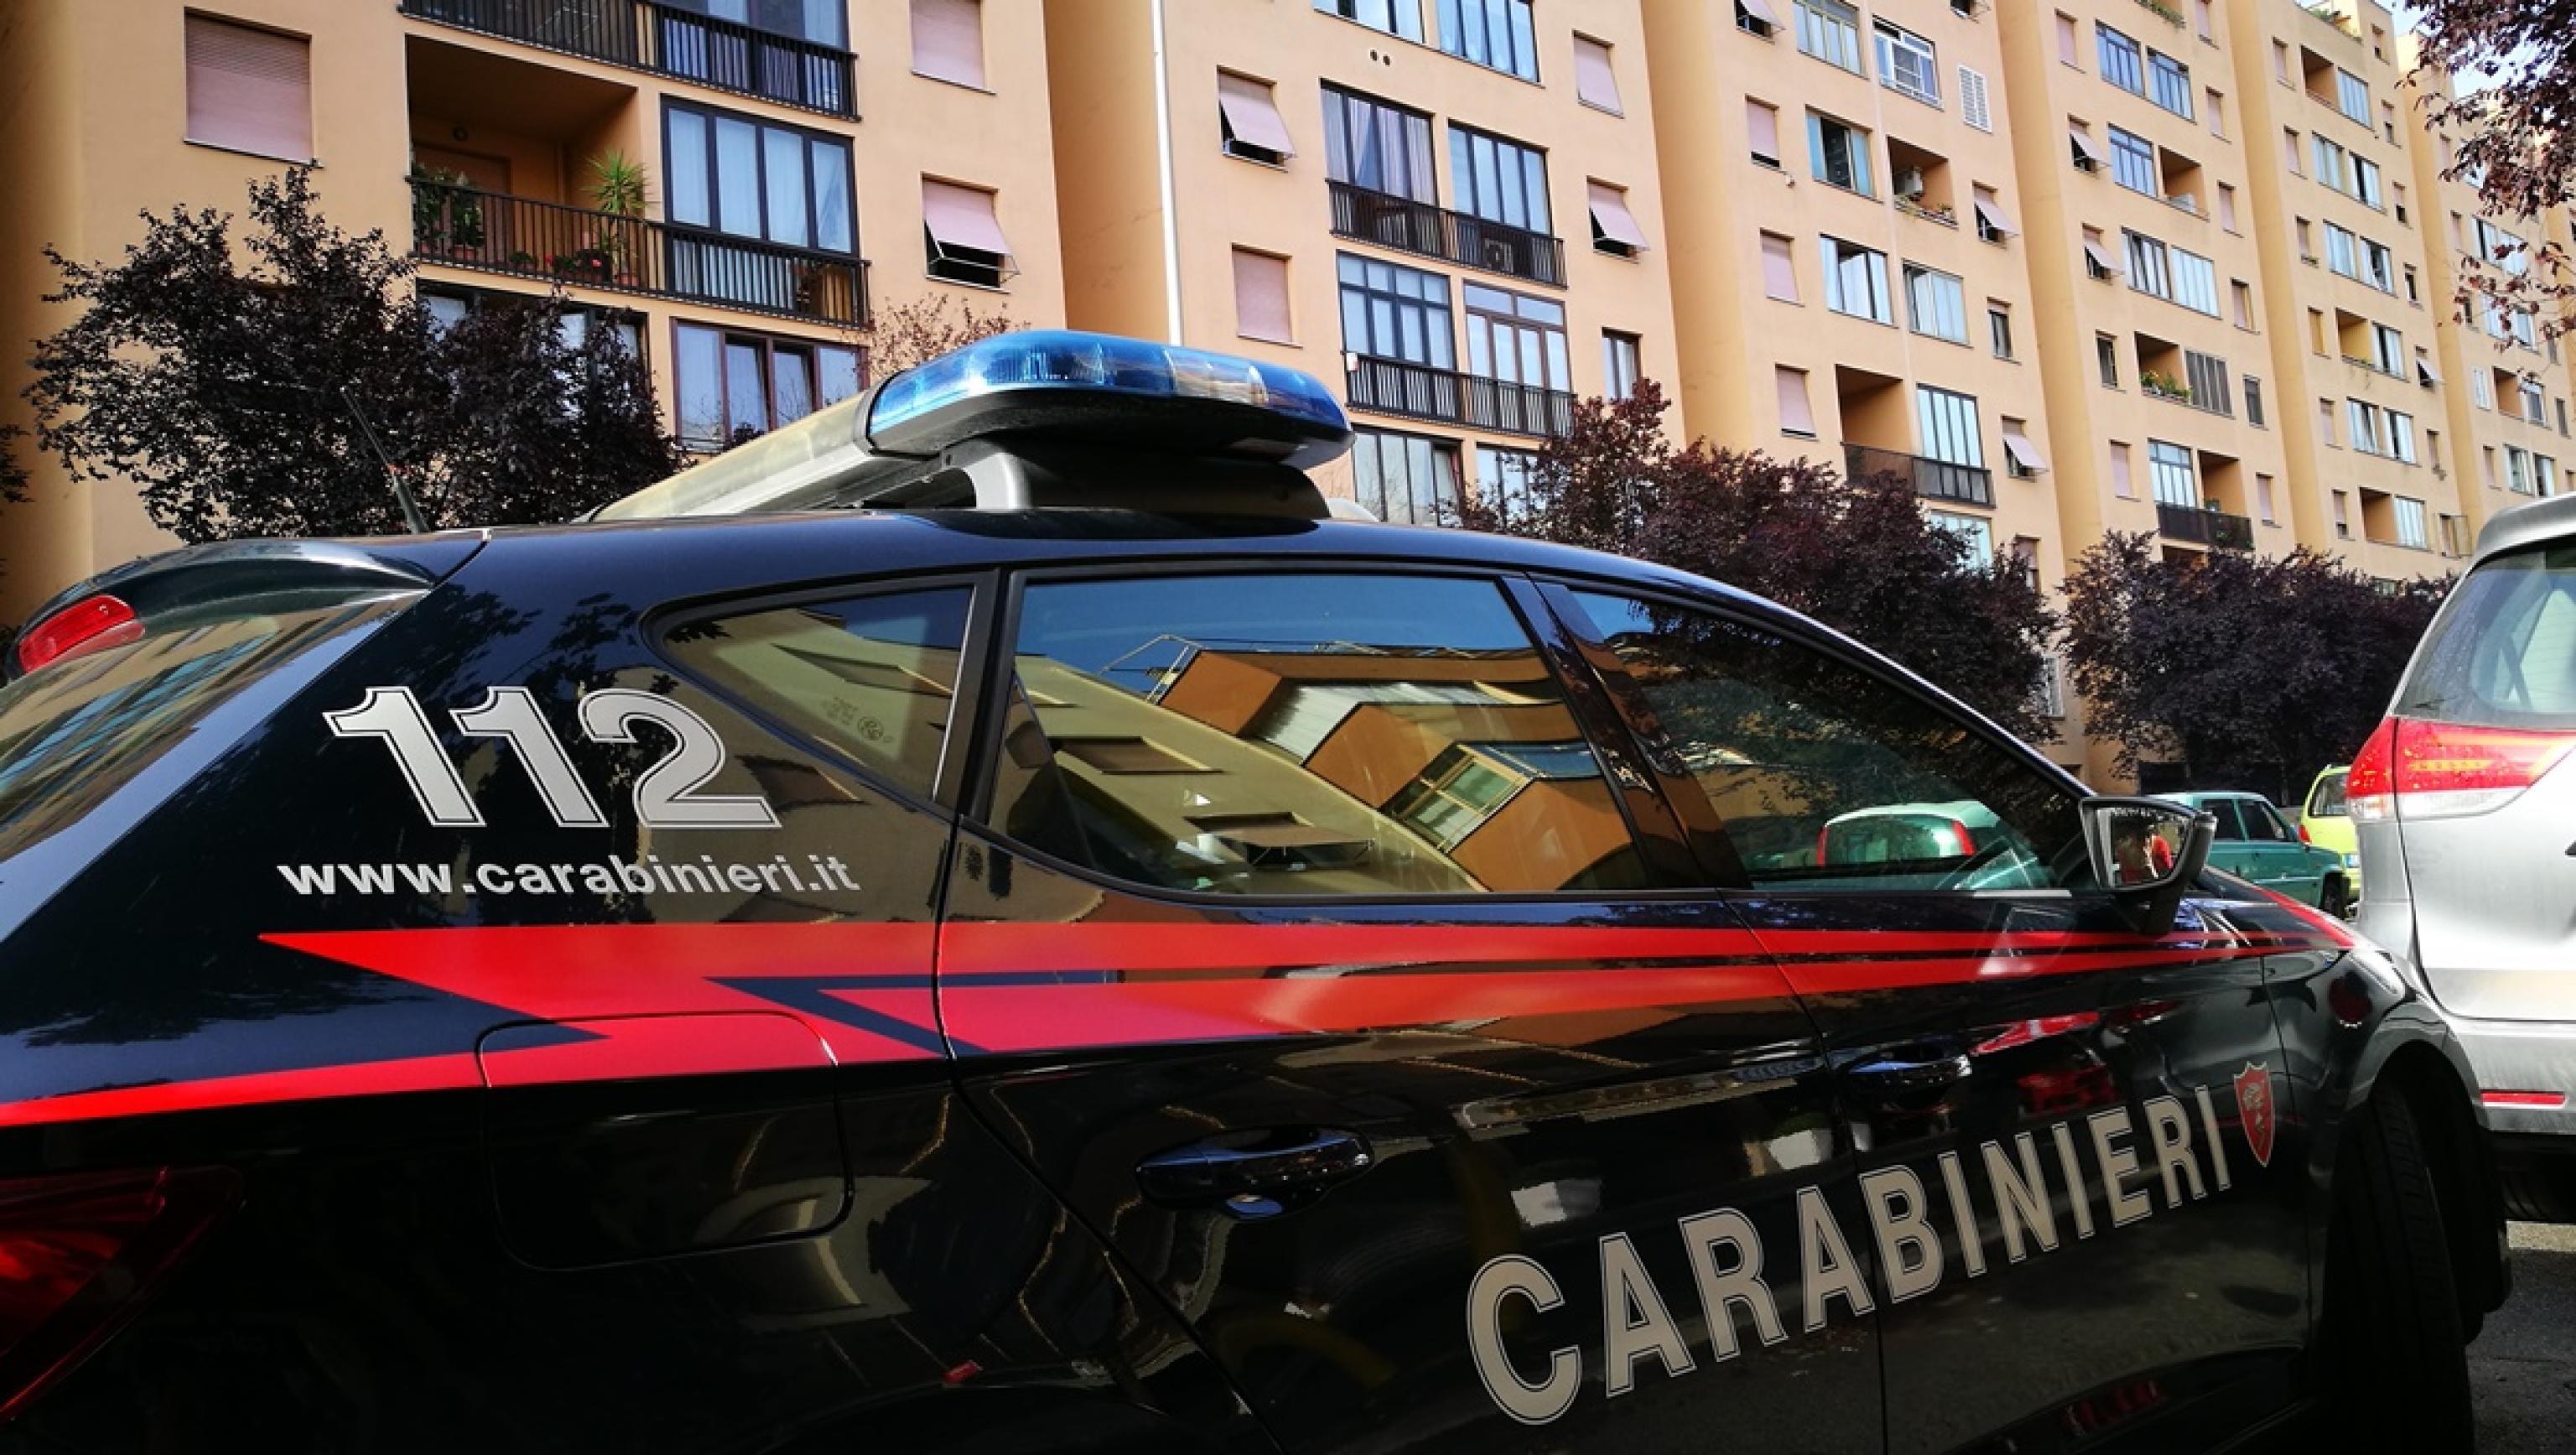 Bari, arrestato per un furto da 30 mila euro Giovanni Cassano, fratellastro dell'ex calciatore Antonio – Il video